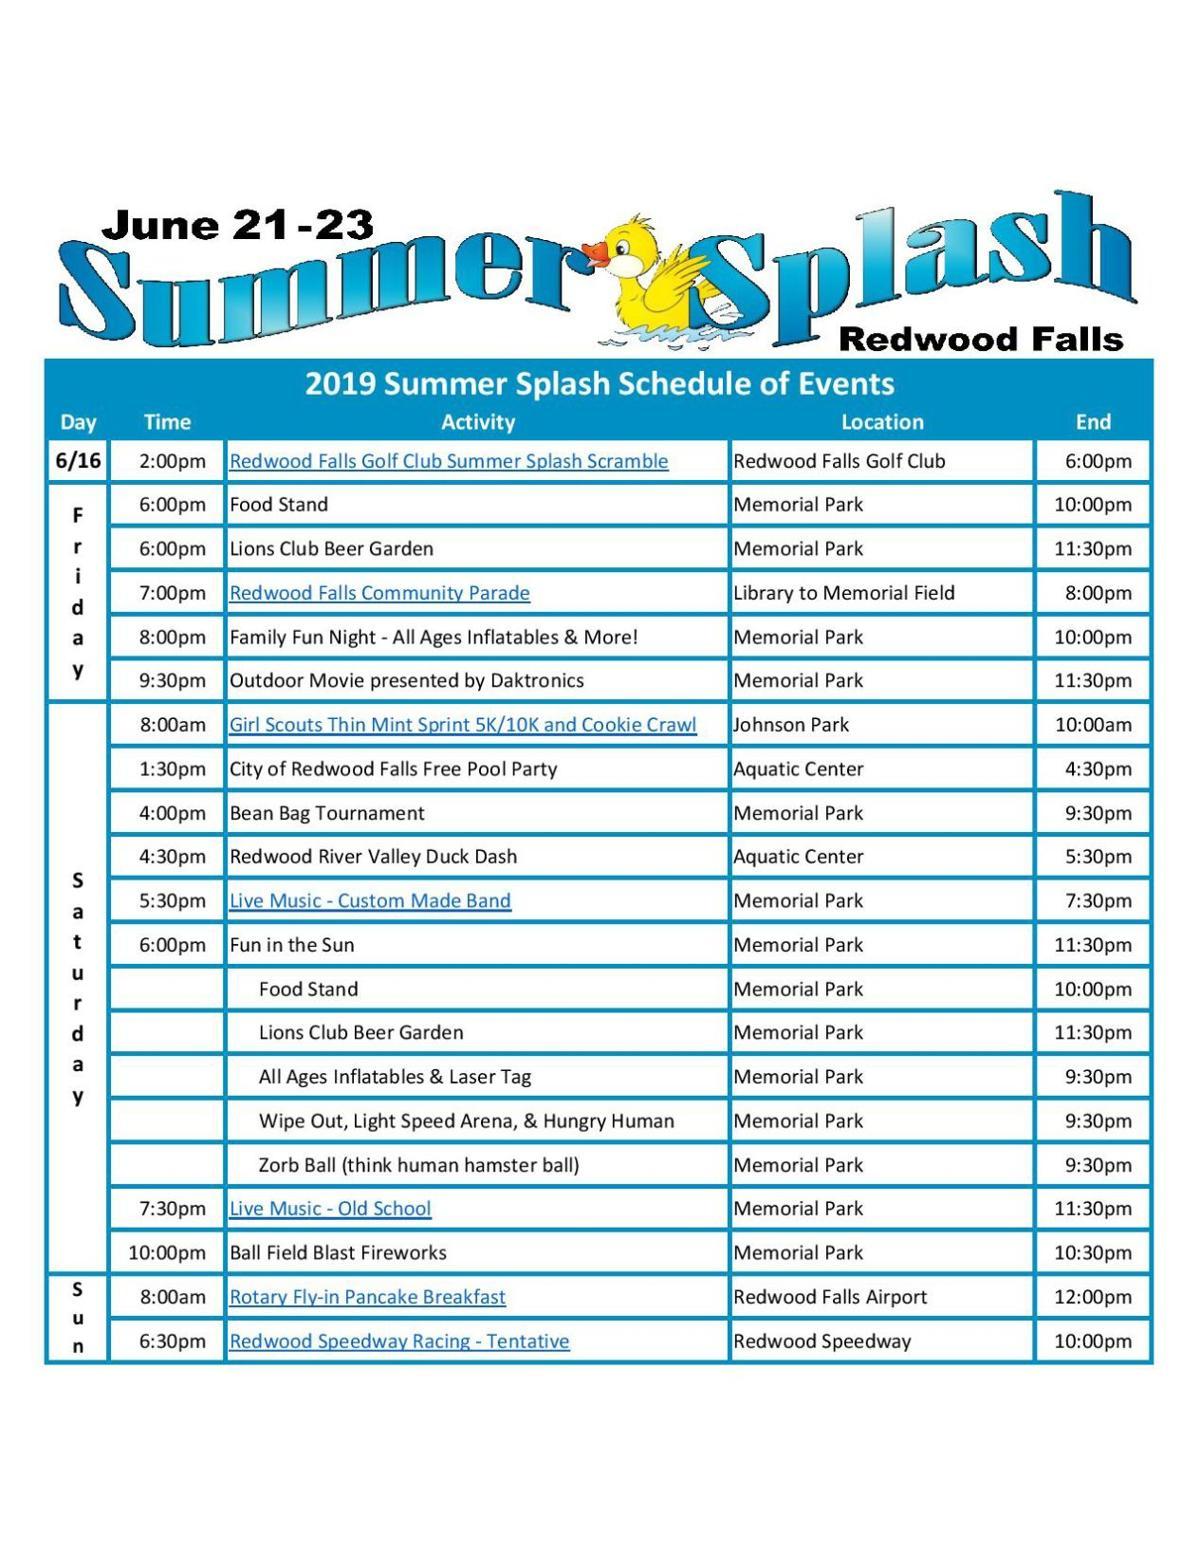 Summer Splash Schedule 2019